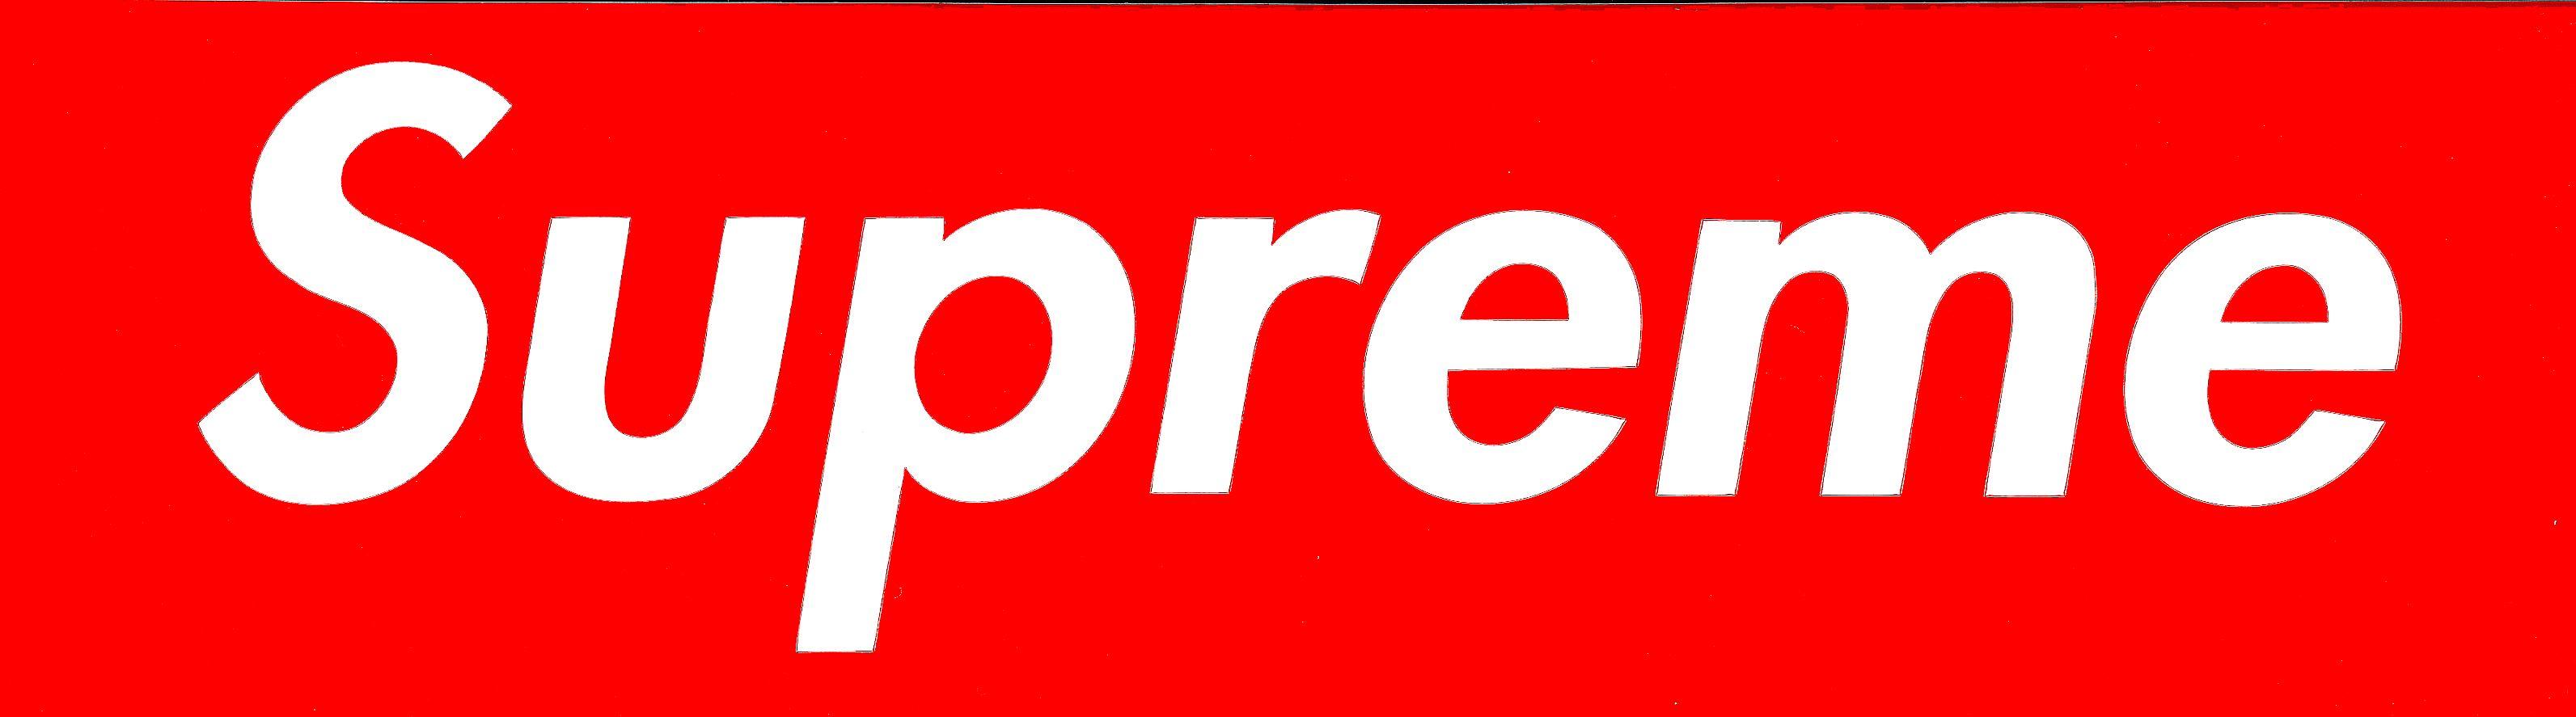 Supreme supreme sticker supreme brand supreme logo supreme wallpaper hypebeast wallpaper